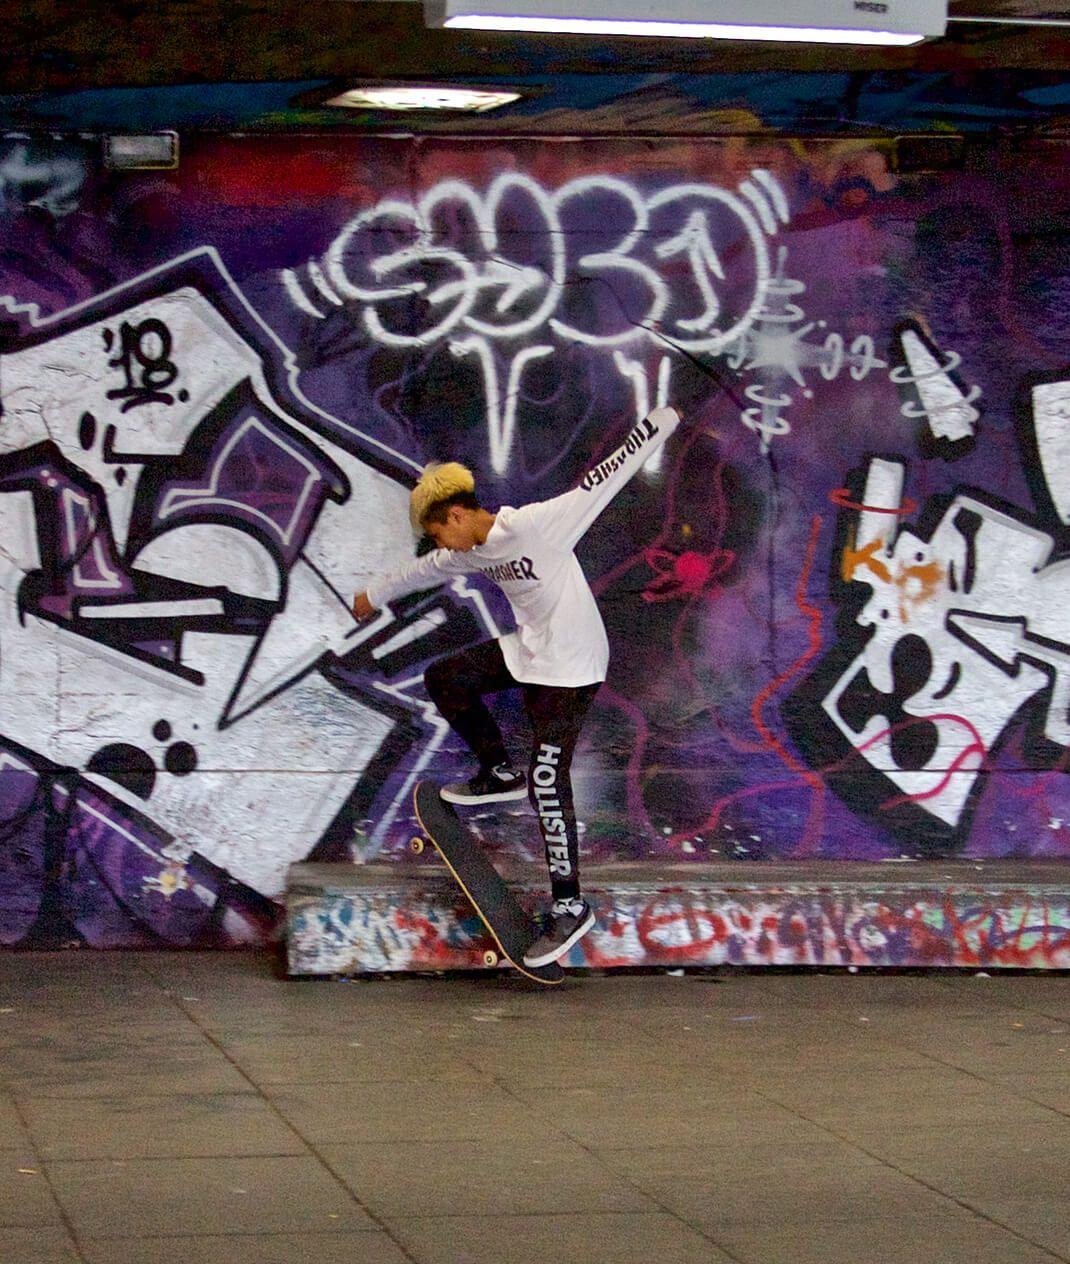 boy with skateboard against purple graffiti wall